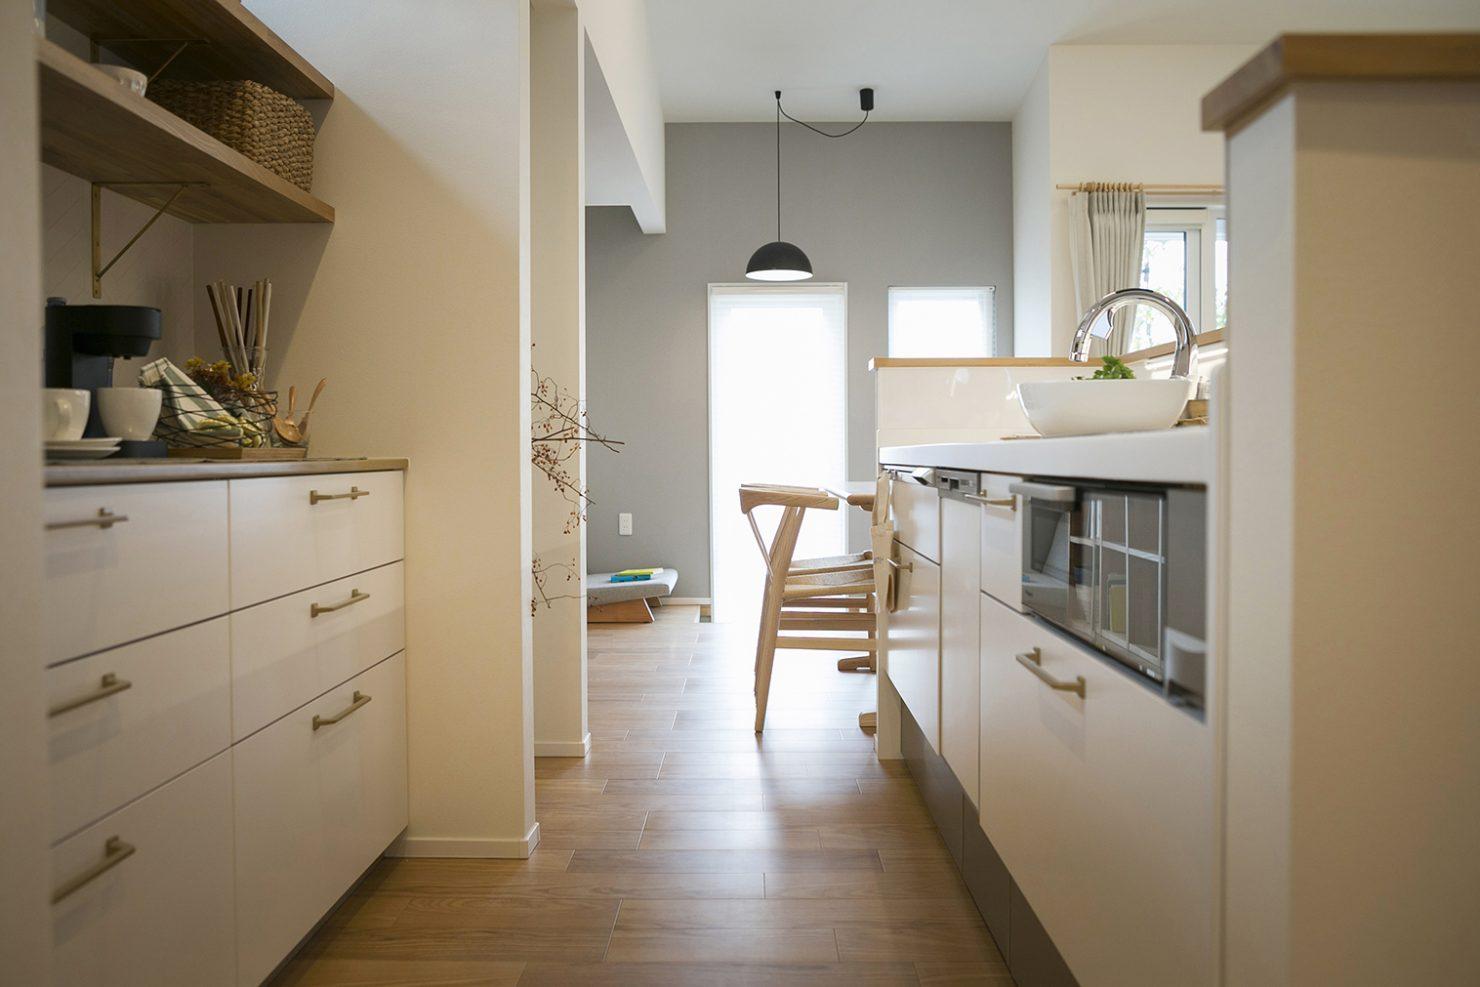 「時代に即した新たな形の「平屋」空間」キッチン写真